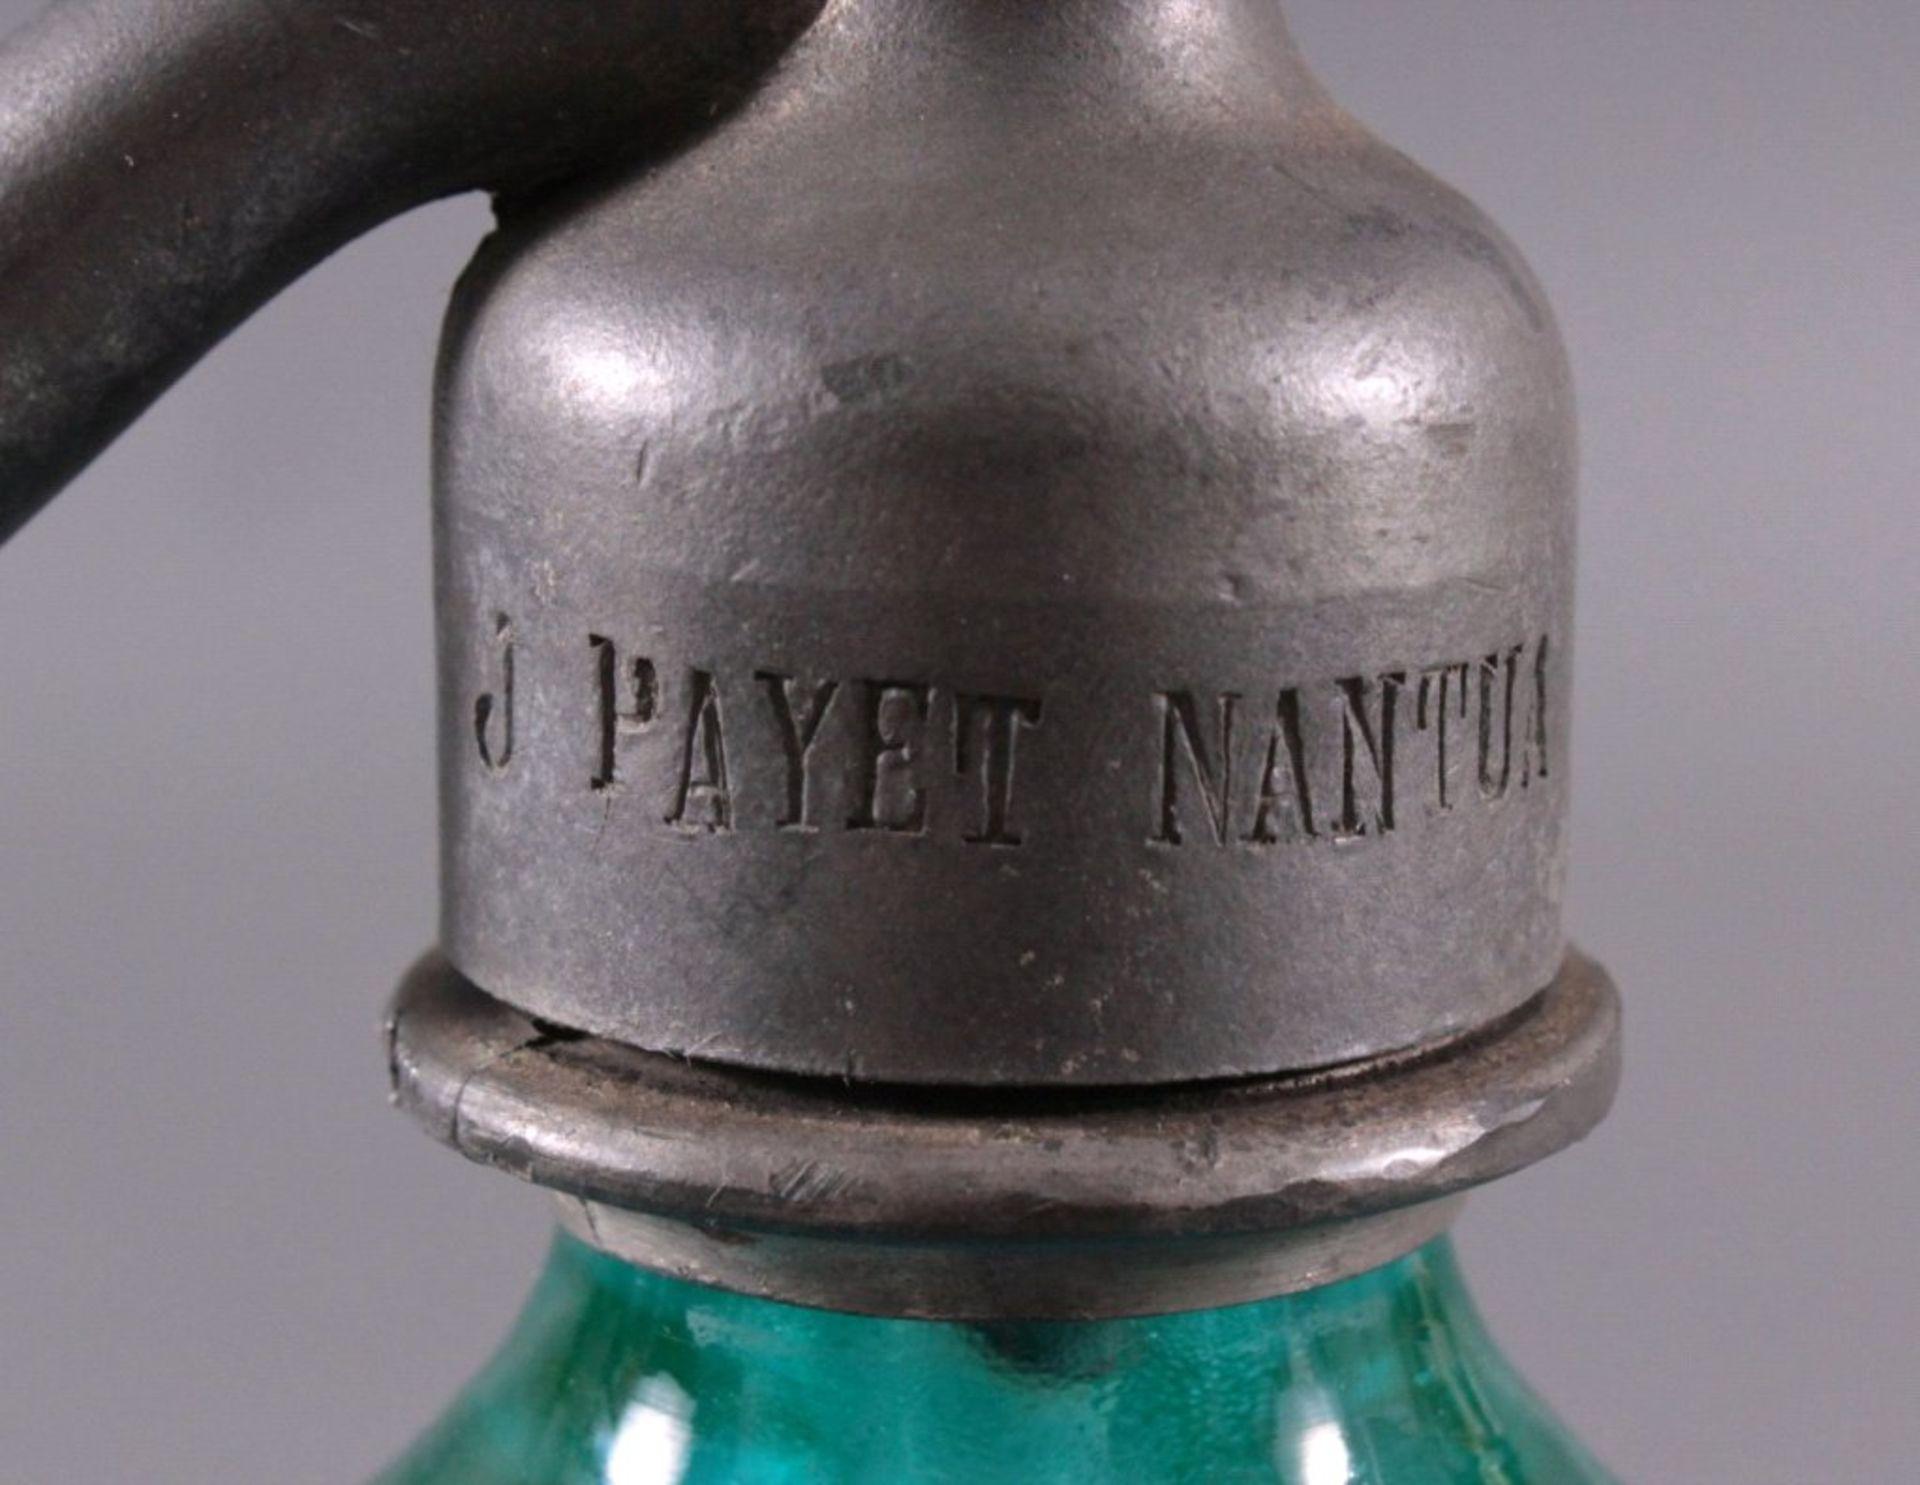 Soda - Flasche aus den 20er/30er JahrenKristall blau, gerippte, konisch nach oben verjüngendeWandung - Bild 3 aus 5